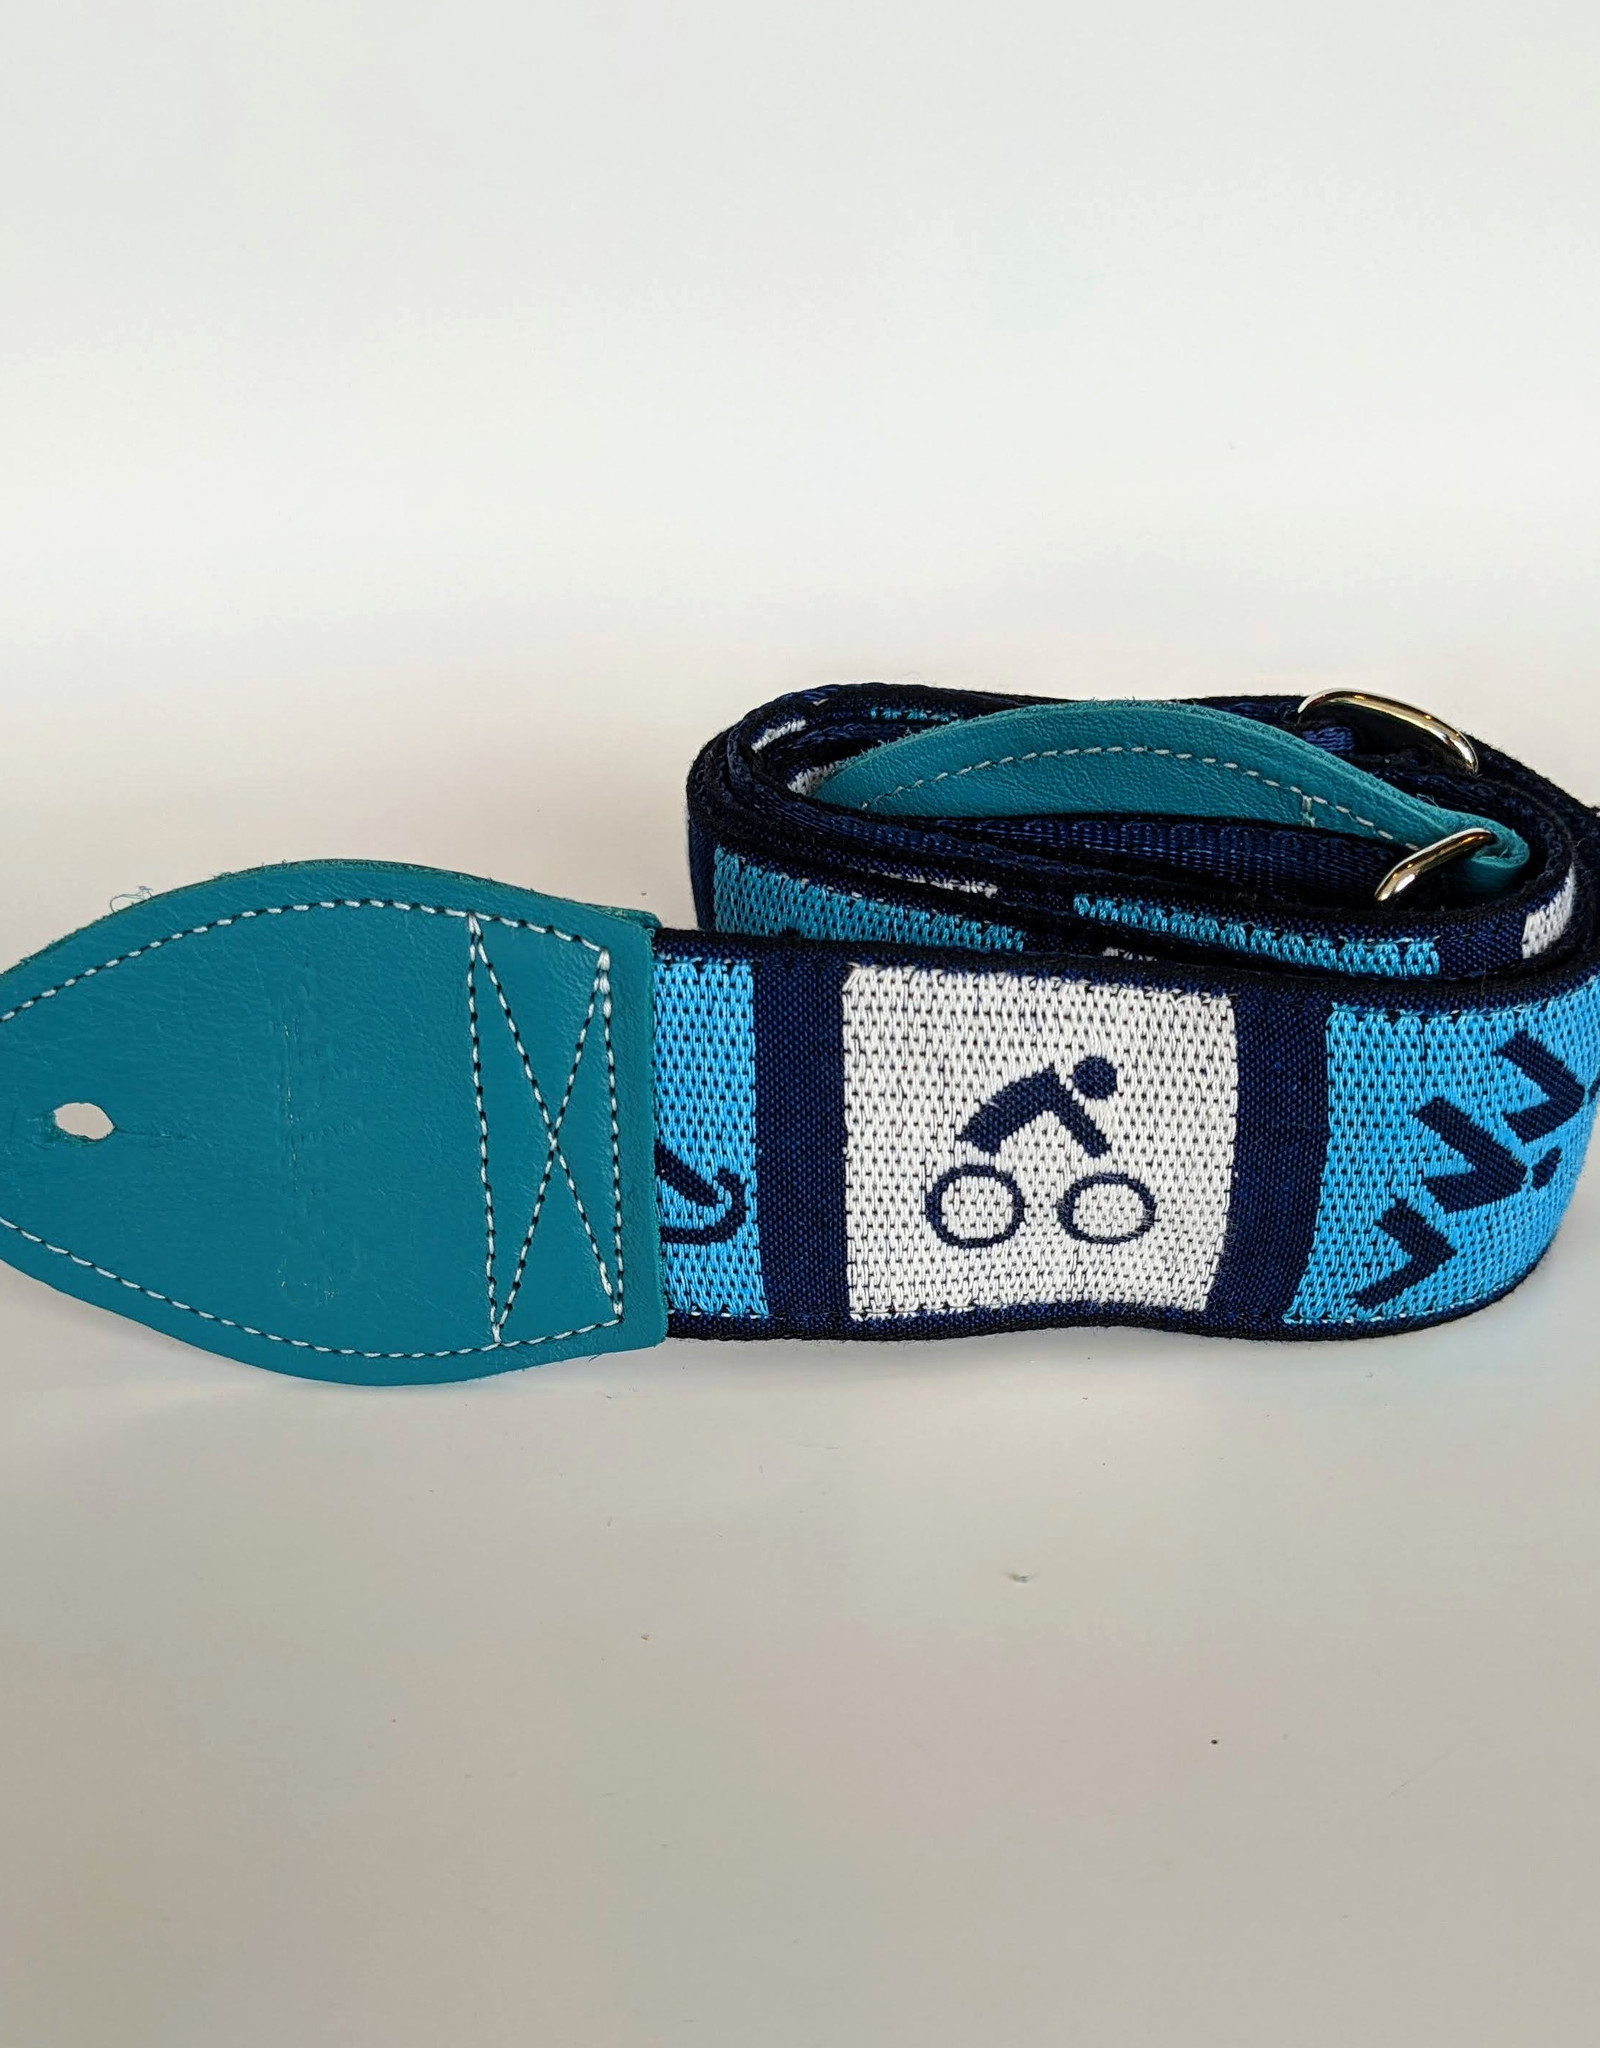 Souldier Souldier Triathlon Turquiose/White/Blue, Vintage Fabric Guitar Strap